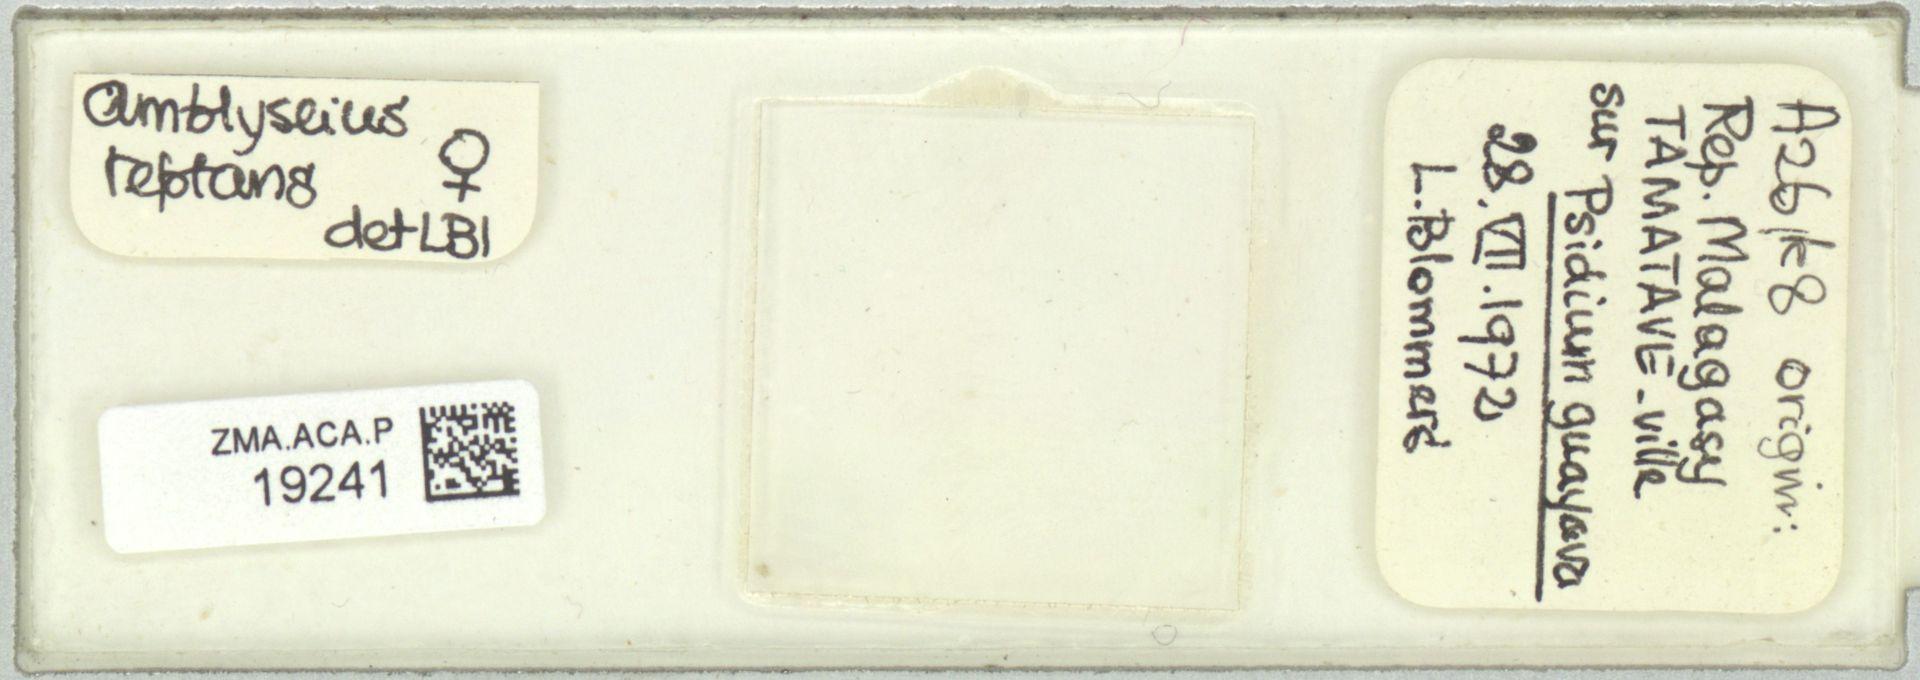 ZMA.ACA.P.19241 | Scapulaseius reptans (Blommers, 1974)